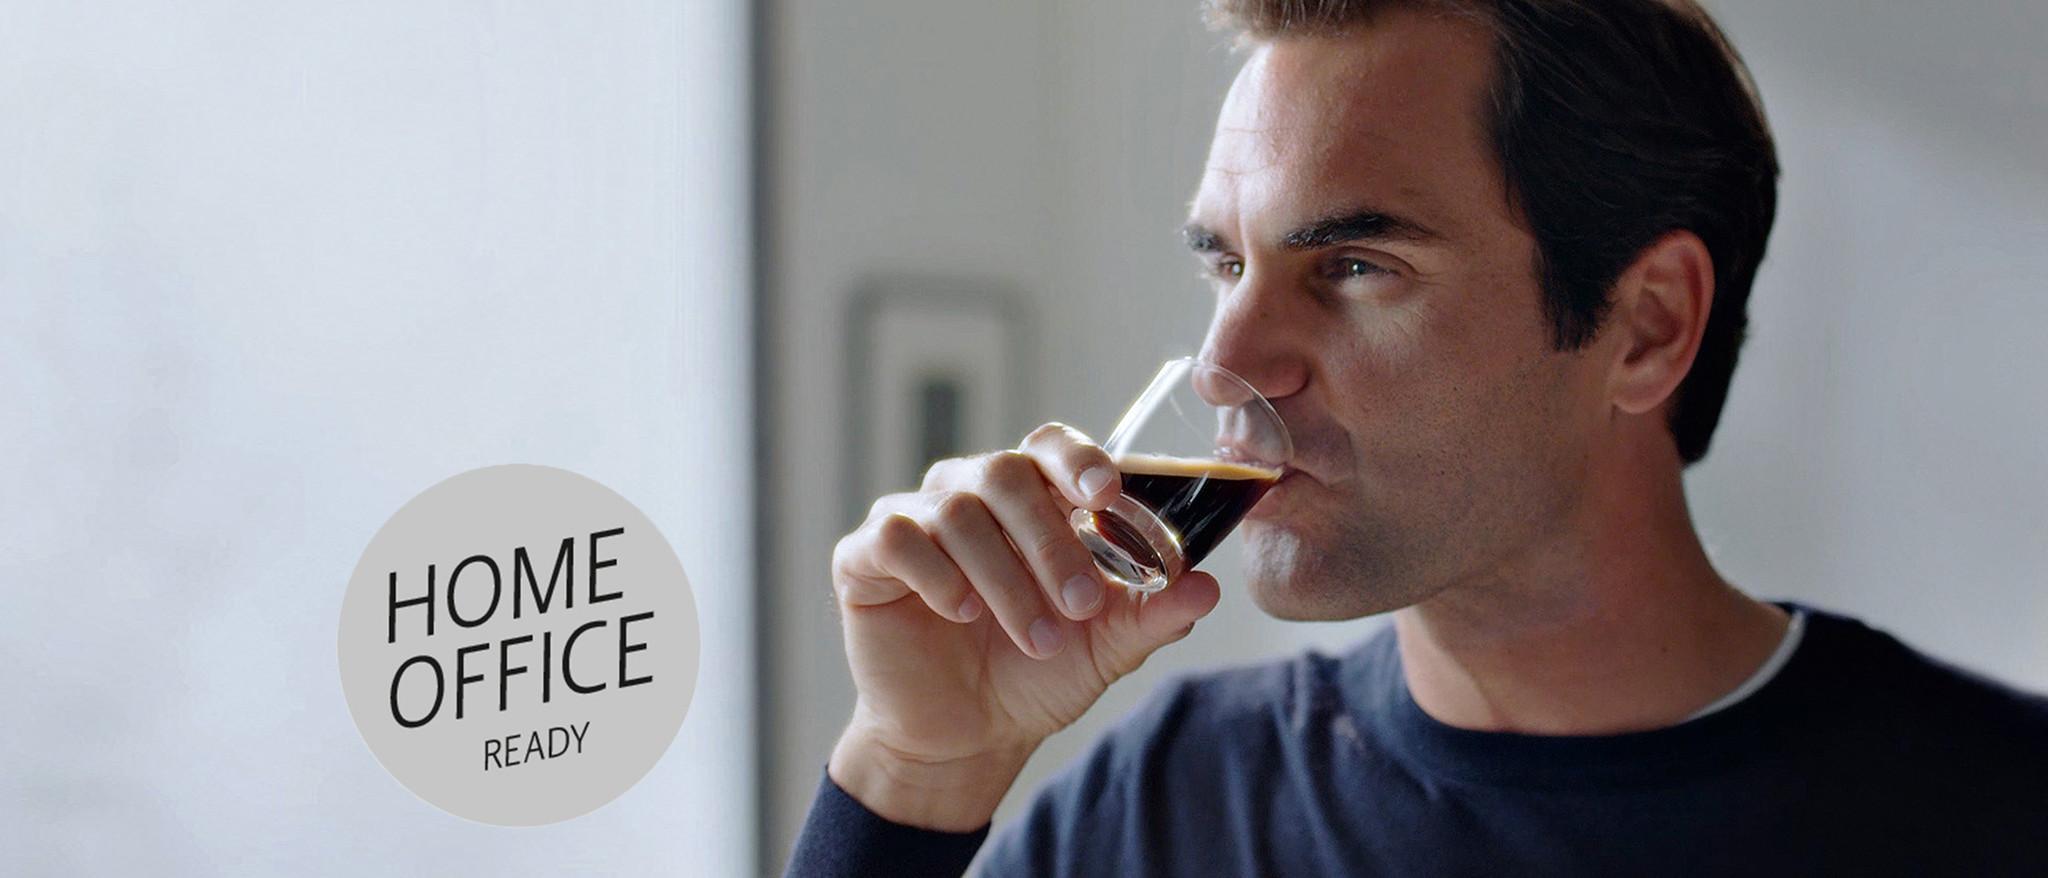 Zowel voor thuis als voor uw bedrijfsomgeving heeft Piest de juiste volautomatische espresso machines van Jura, doorgaans uit voorraad leverbaar